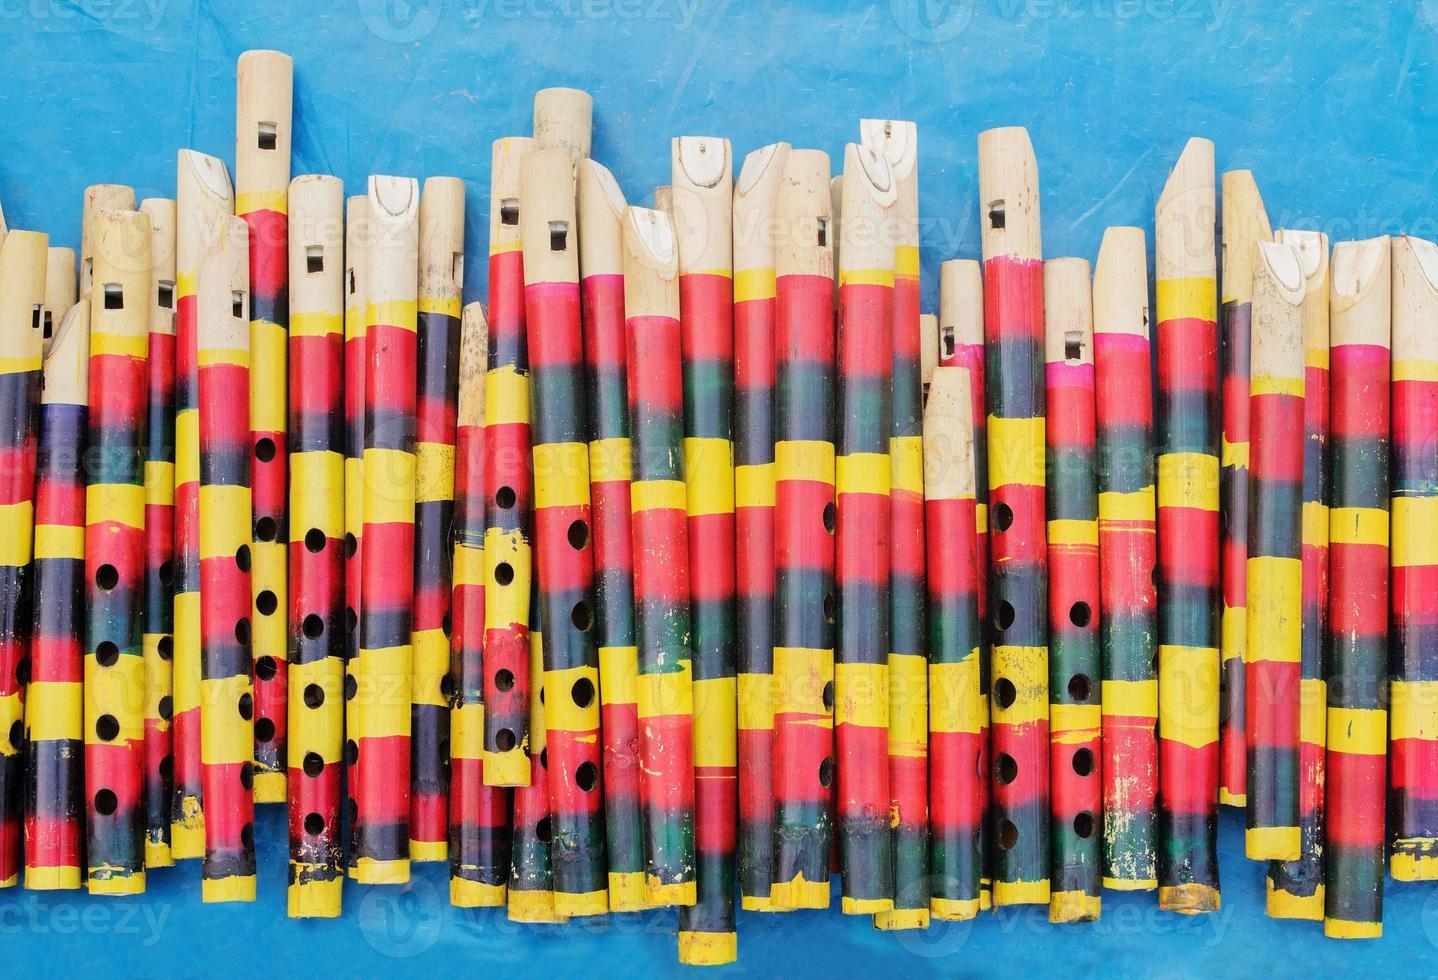 flûtes en bambou, salon de l'artisanat indien à kolkata photo